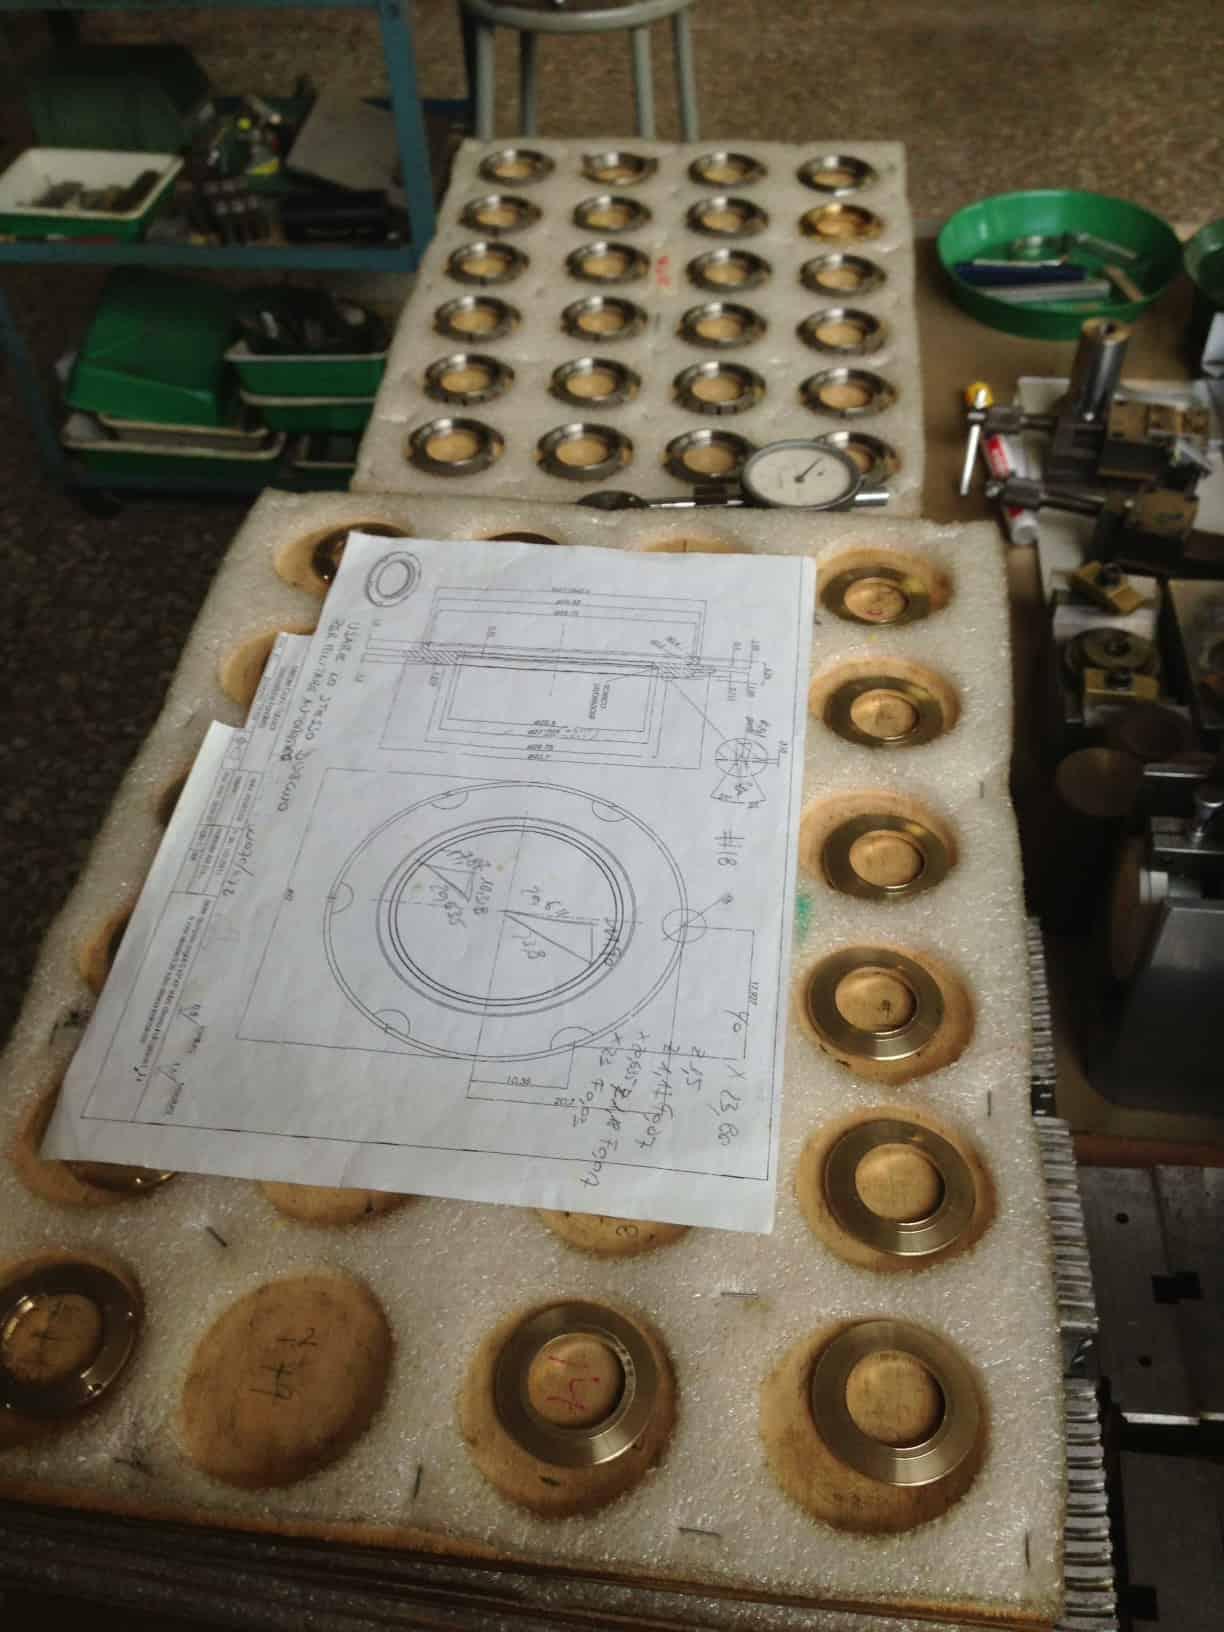 Die Rohwerke-Bestandteile aus Kupfer bei der Herstellung der Anonimo-Uhren